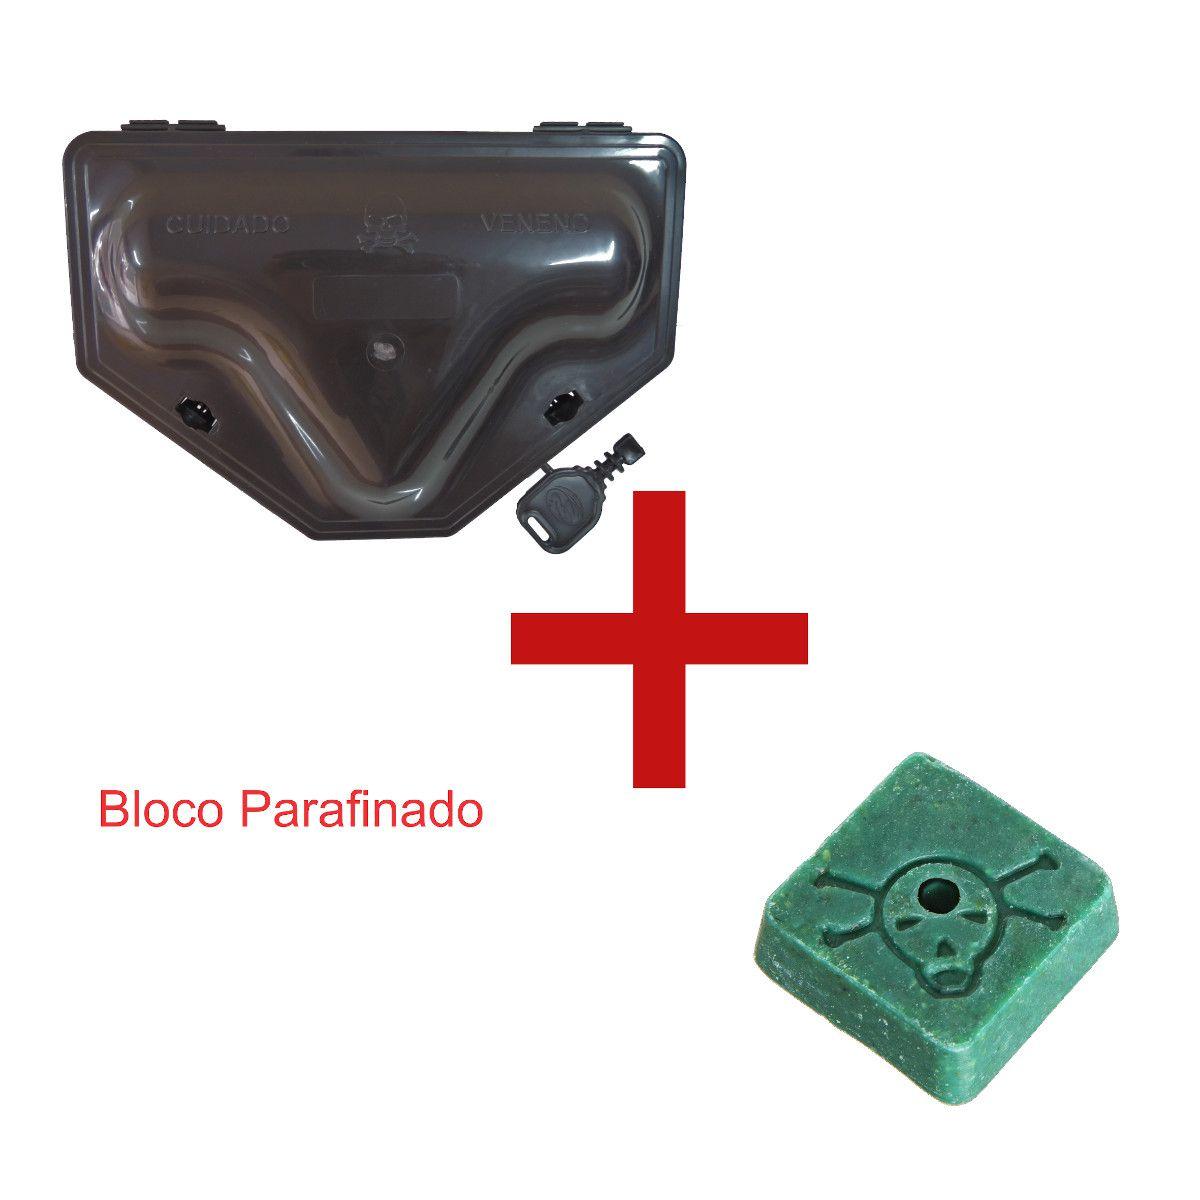 12 Porta Iscas C/ Duplo Travamento + 12 Bloco Parafinado